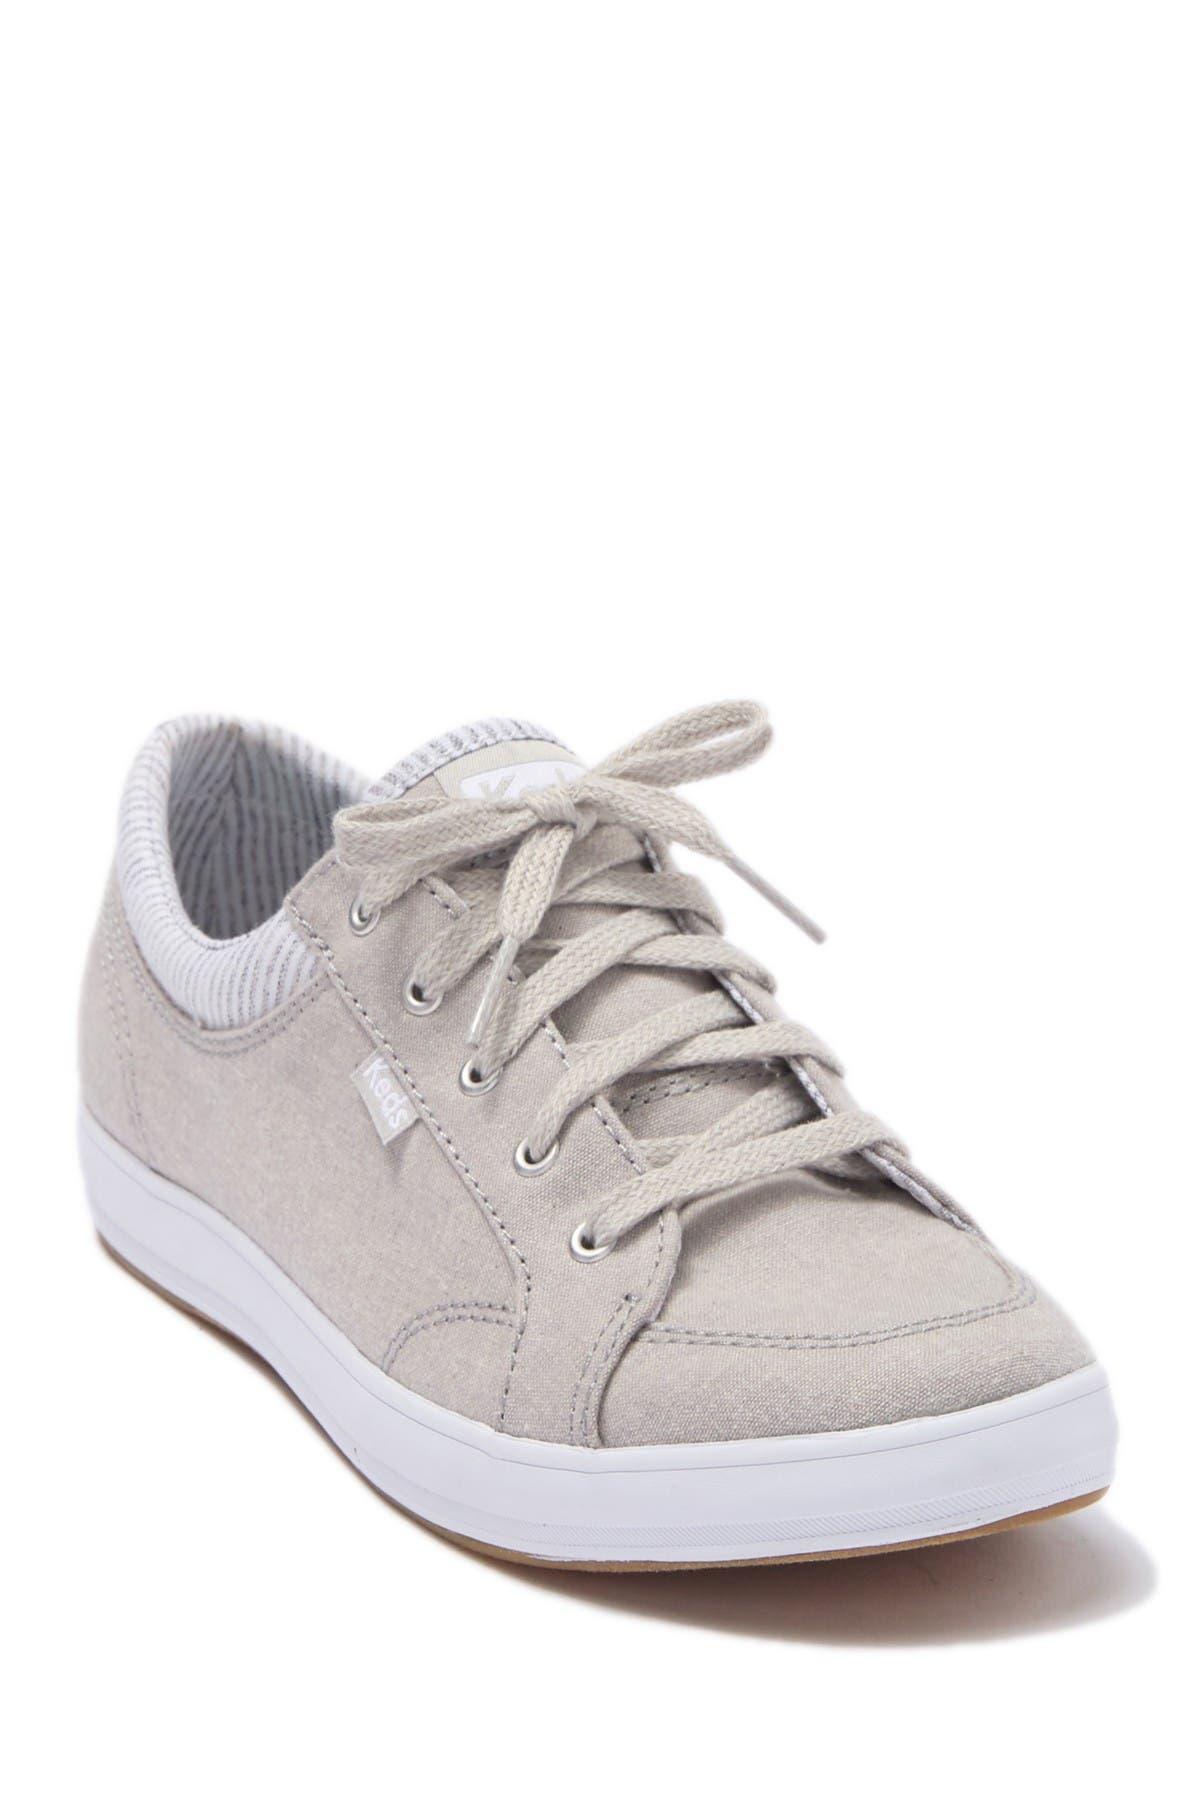 Keds | Center Chambray Sneaker